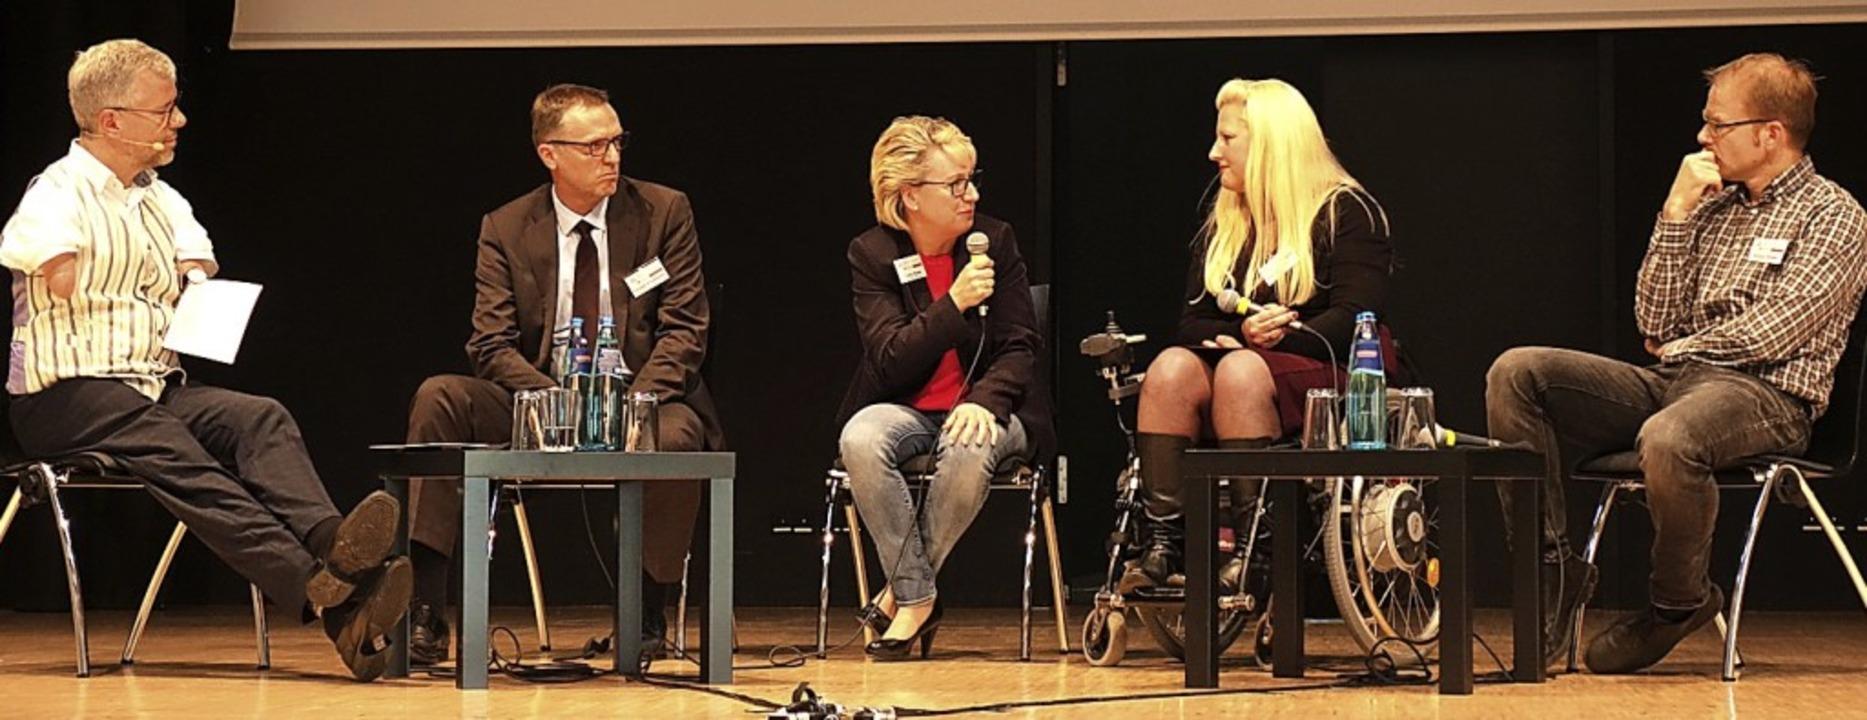 Rainer Schmidt moderierte die Diskussi...ffner und Philipp Riedel (von links).     Foto: Lena Roser